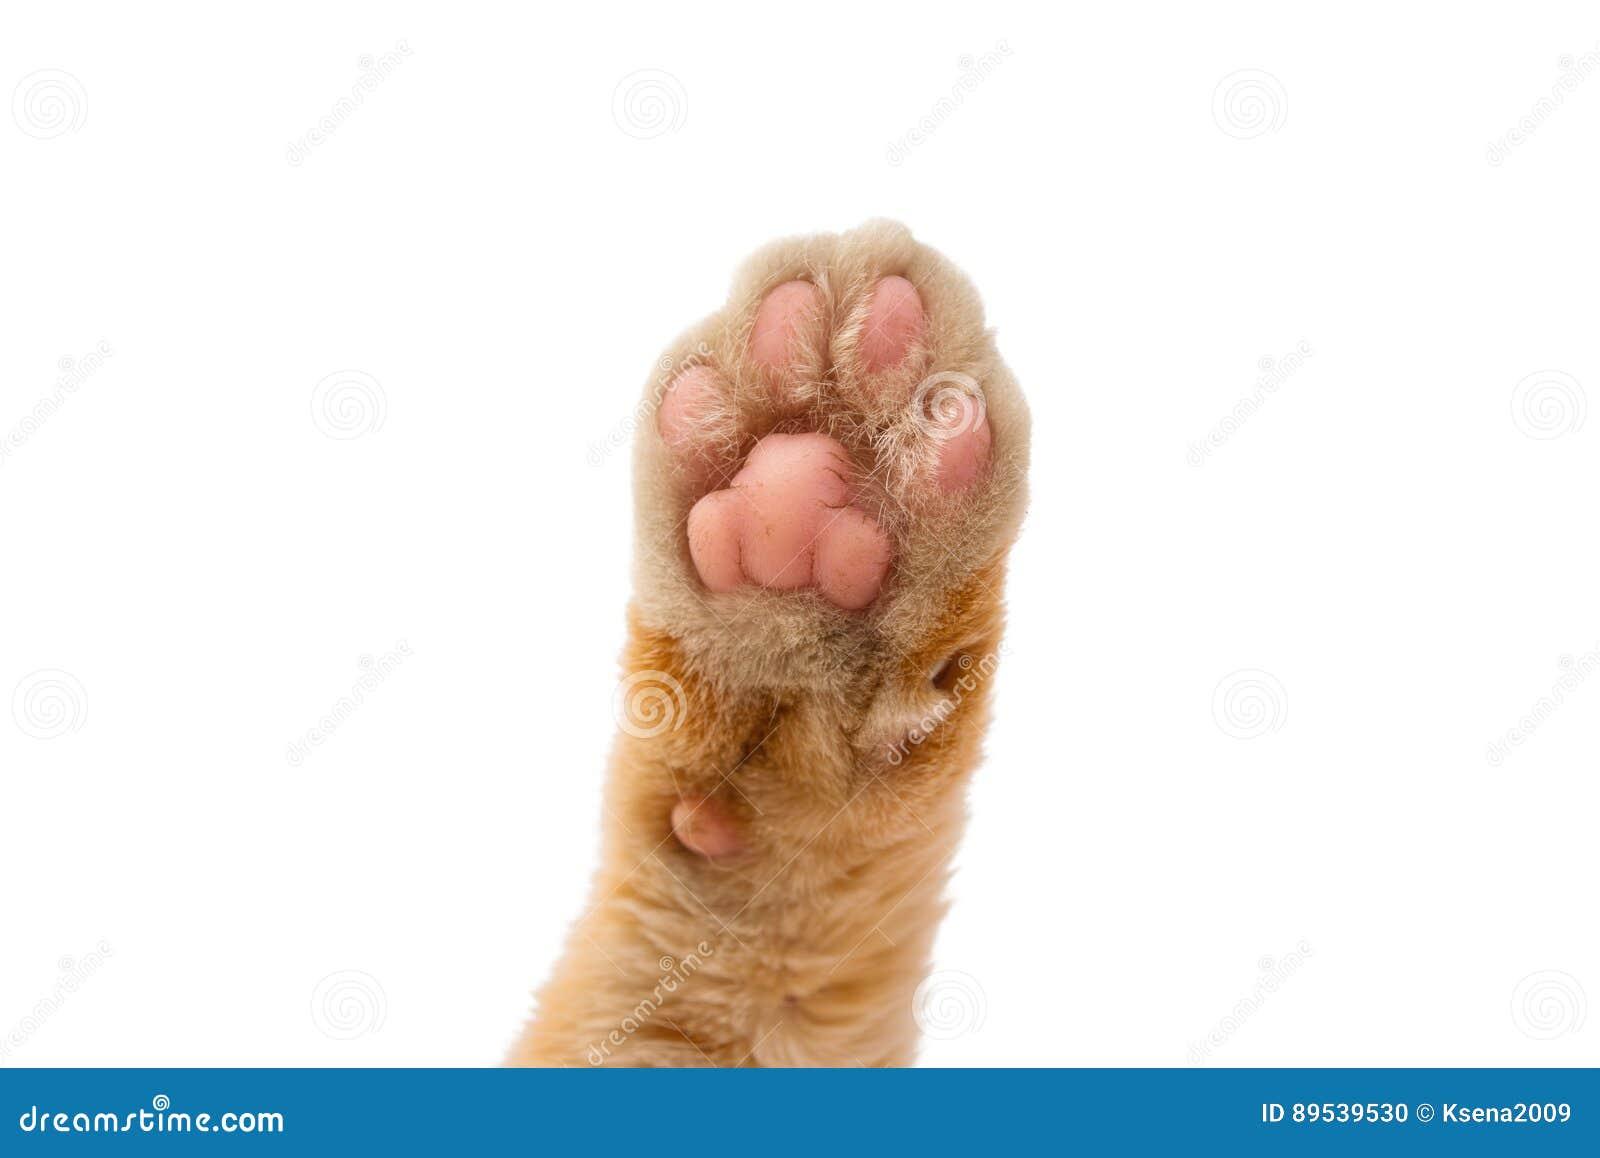 La zampa del gatto isolata fotografia stock immagine di - Immagine del gatto a colori ...